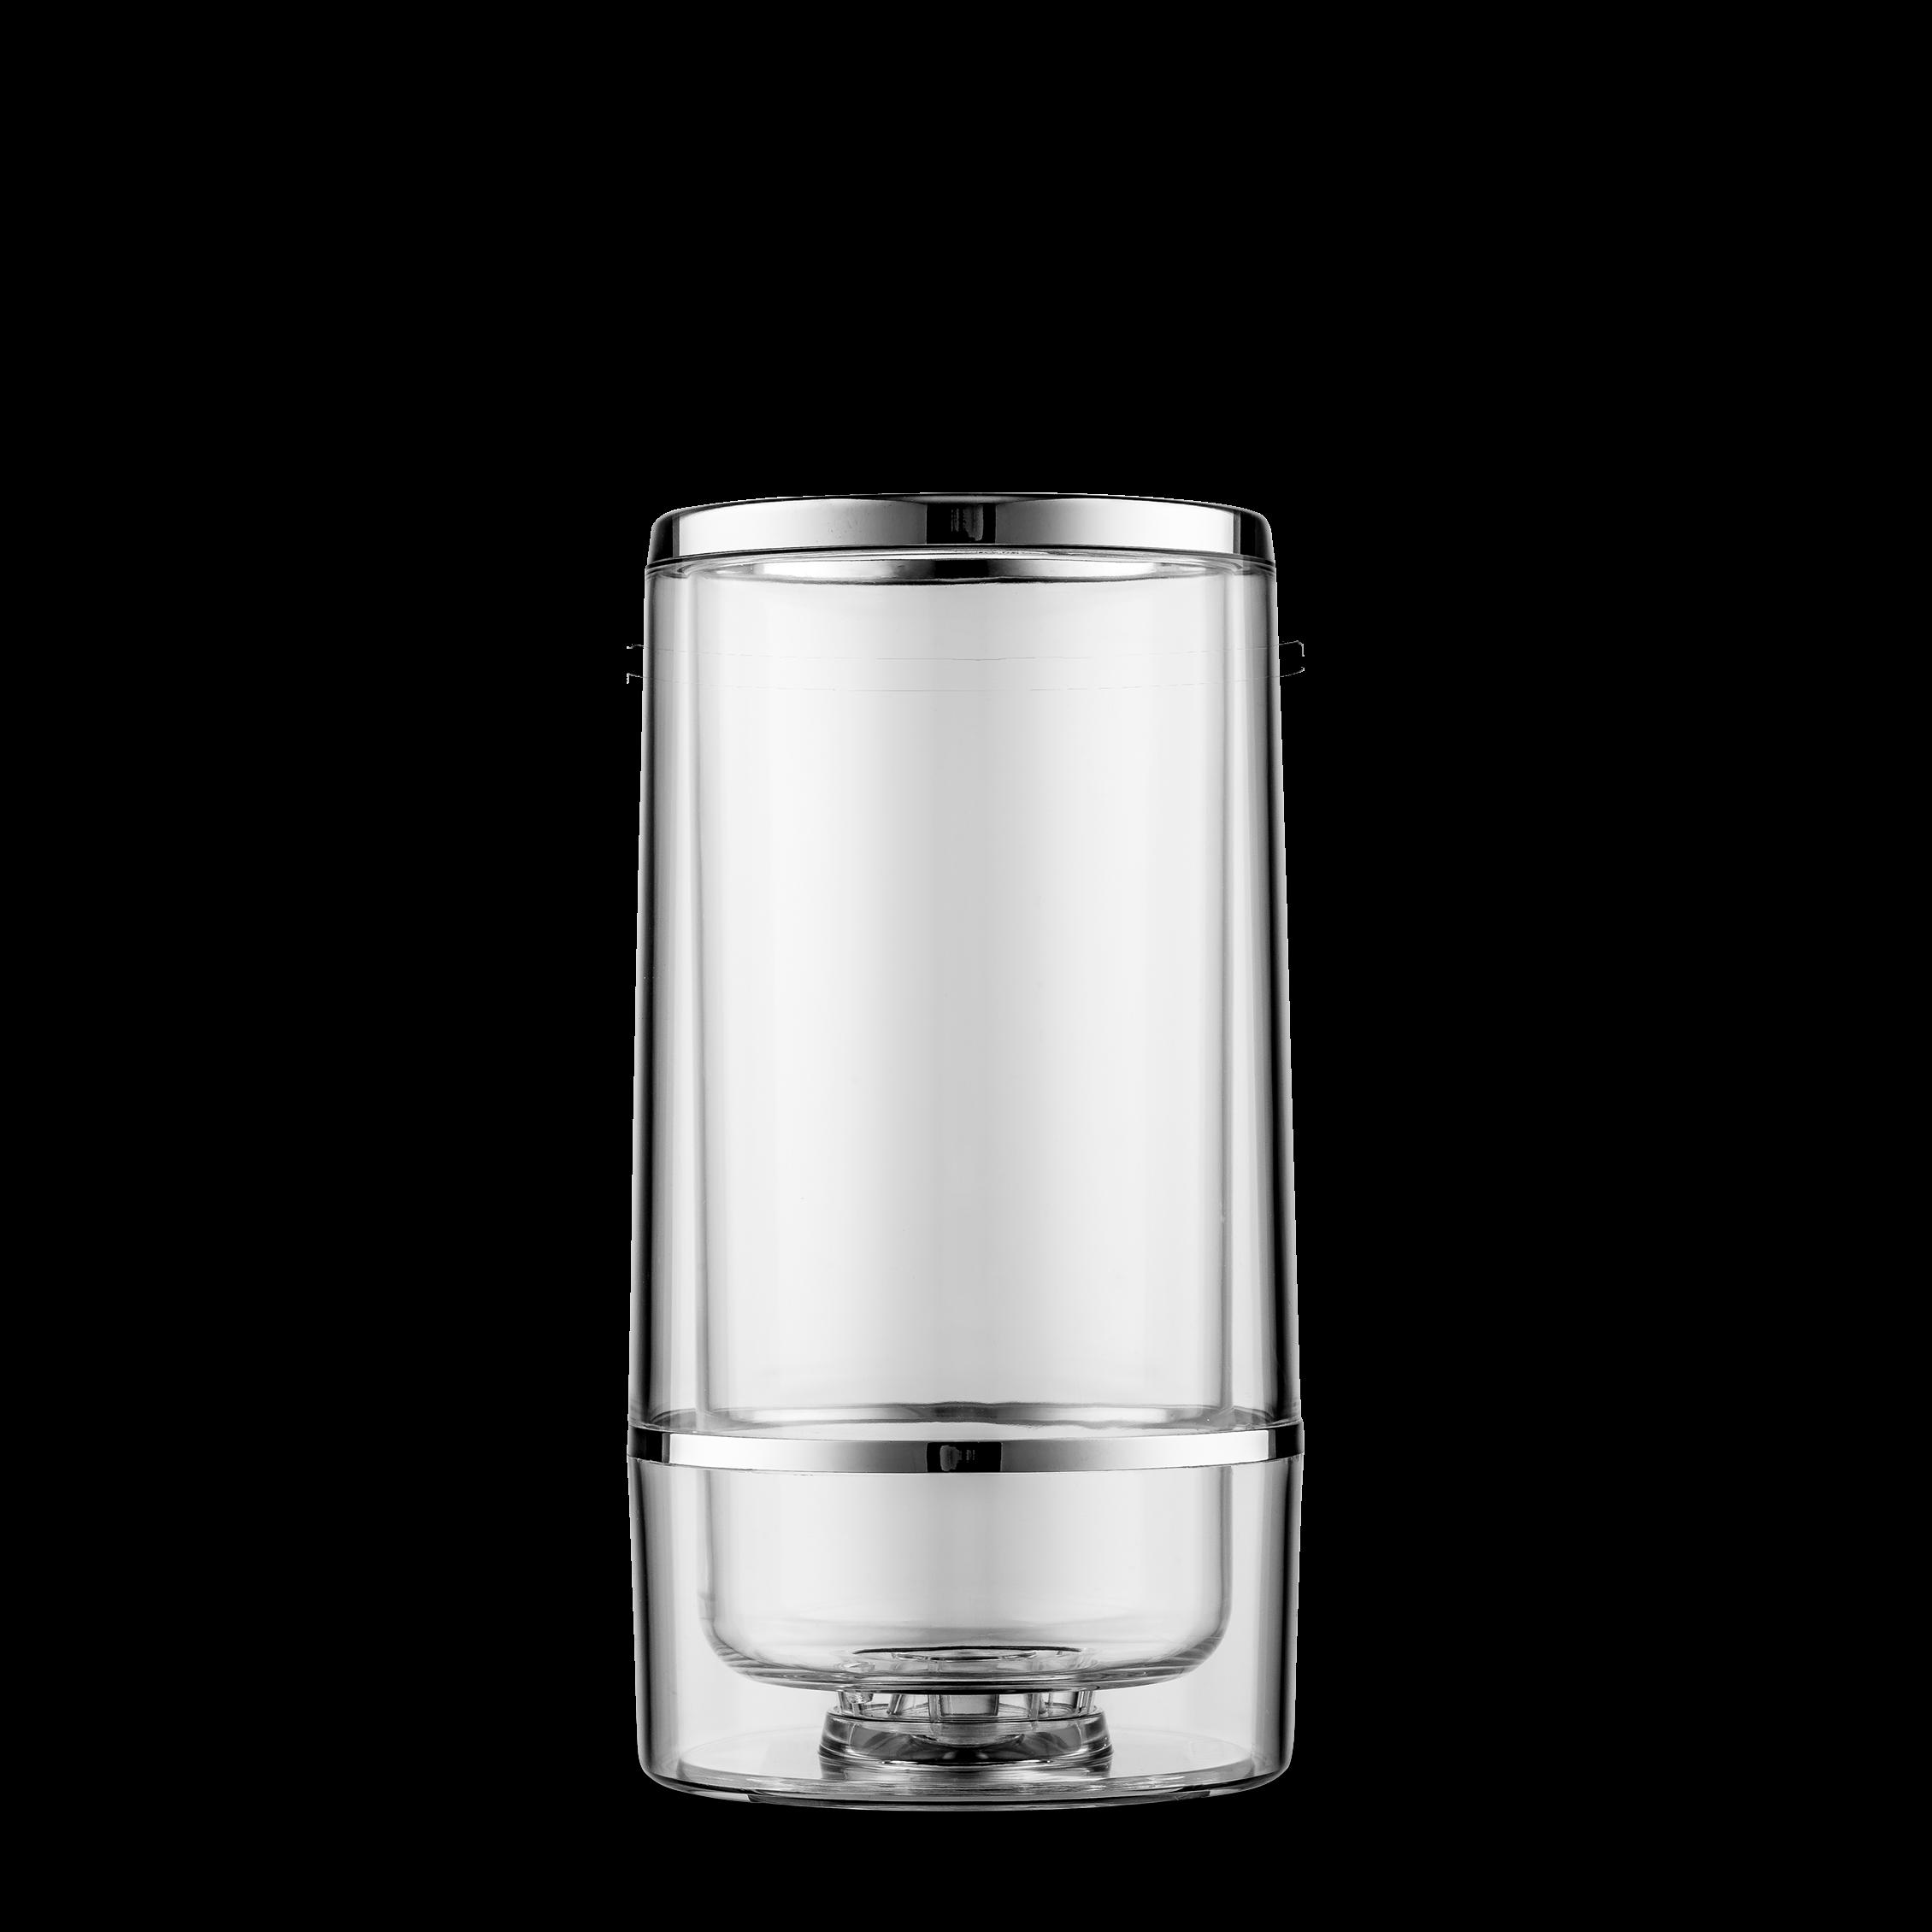 Flaschenkühler Torrafal 1ltr. mit GWF-Logo